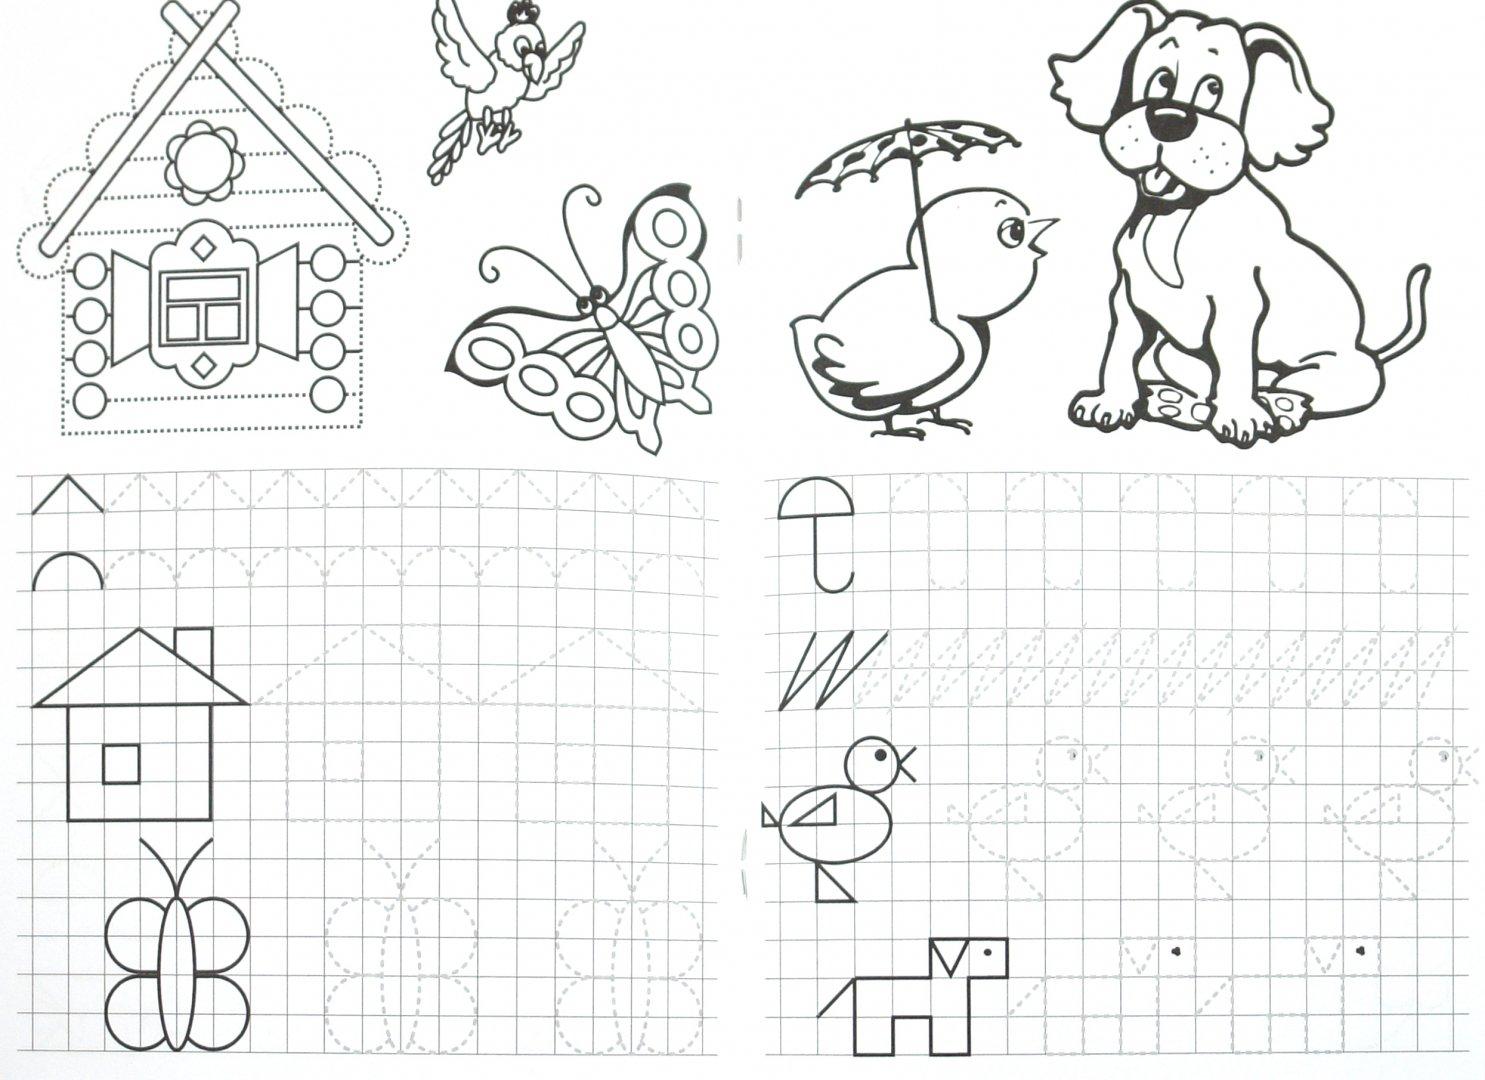 Иллюстрация 1 из 31 для Прописи. Начинаем рисовать по клеточкам - М. Гавриленко | Лабиринт - книги. Источник: Лабиринт